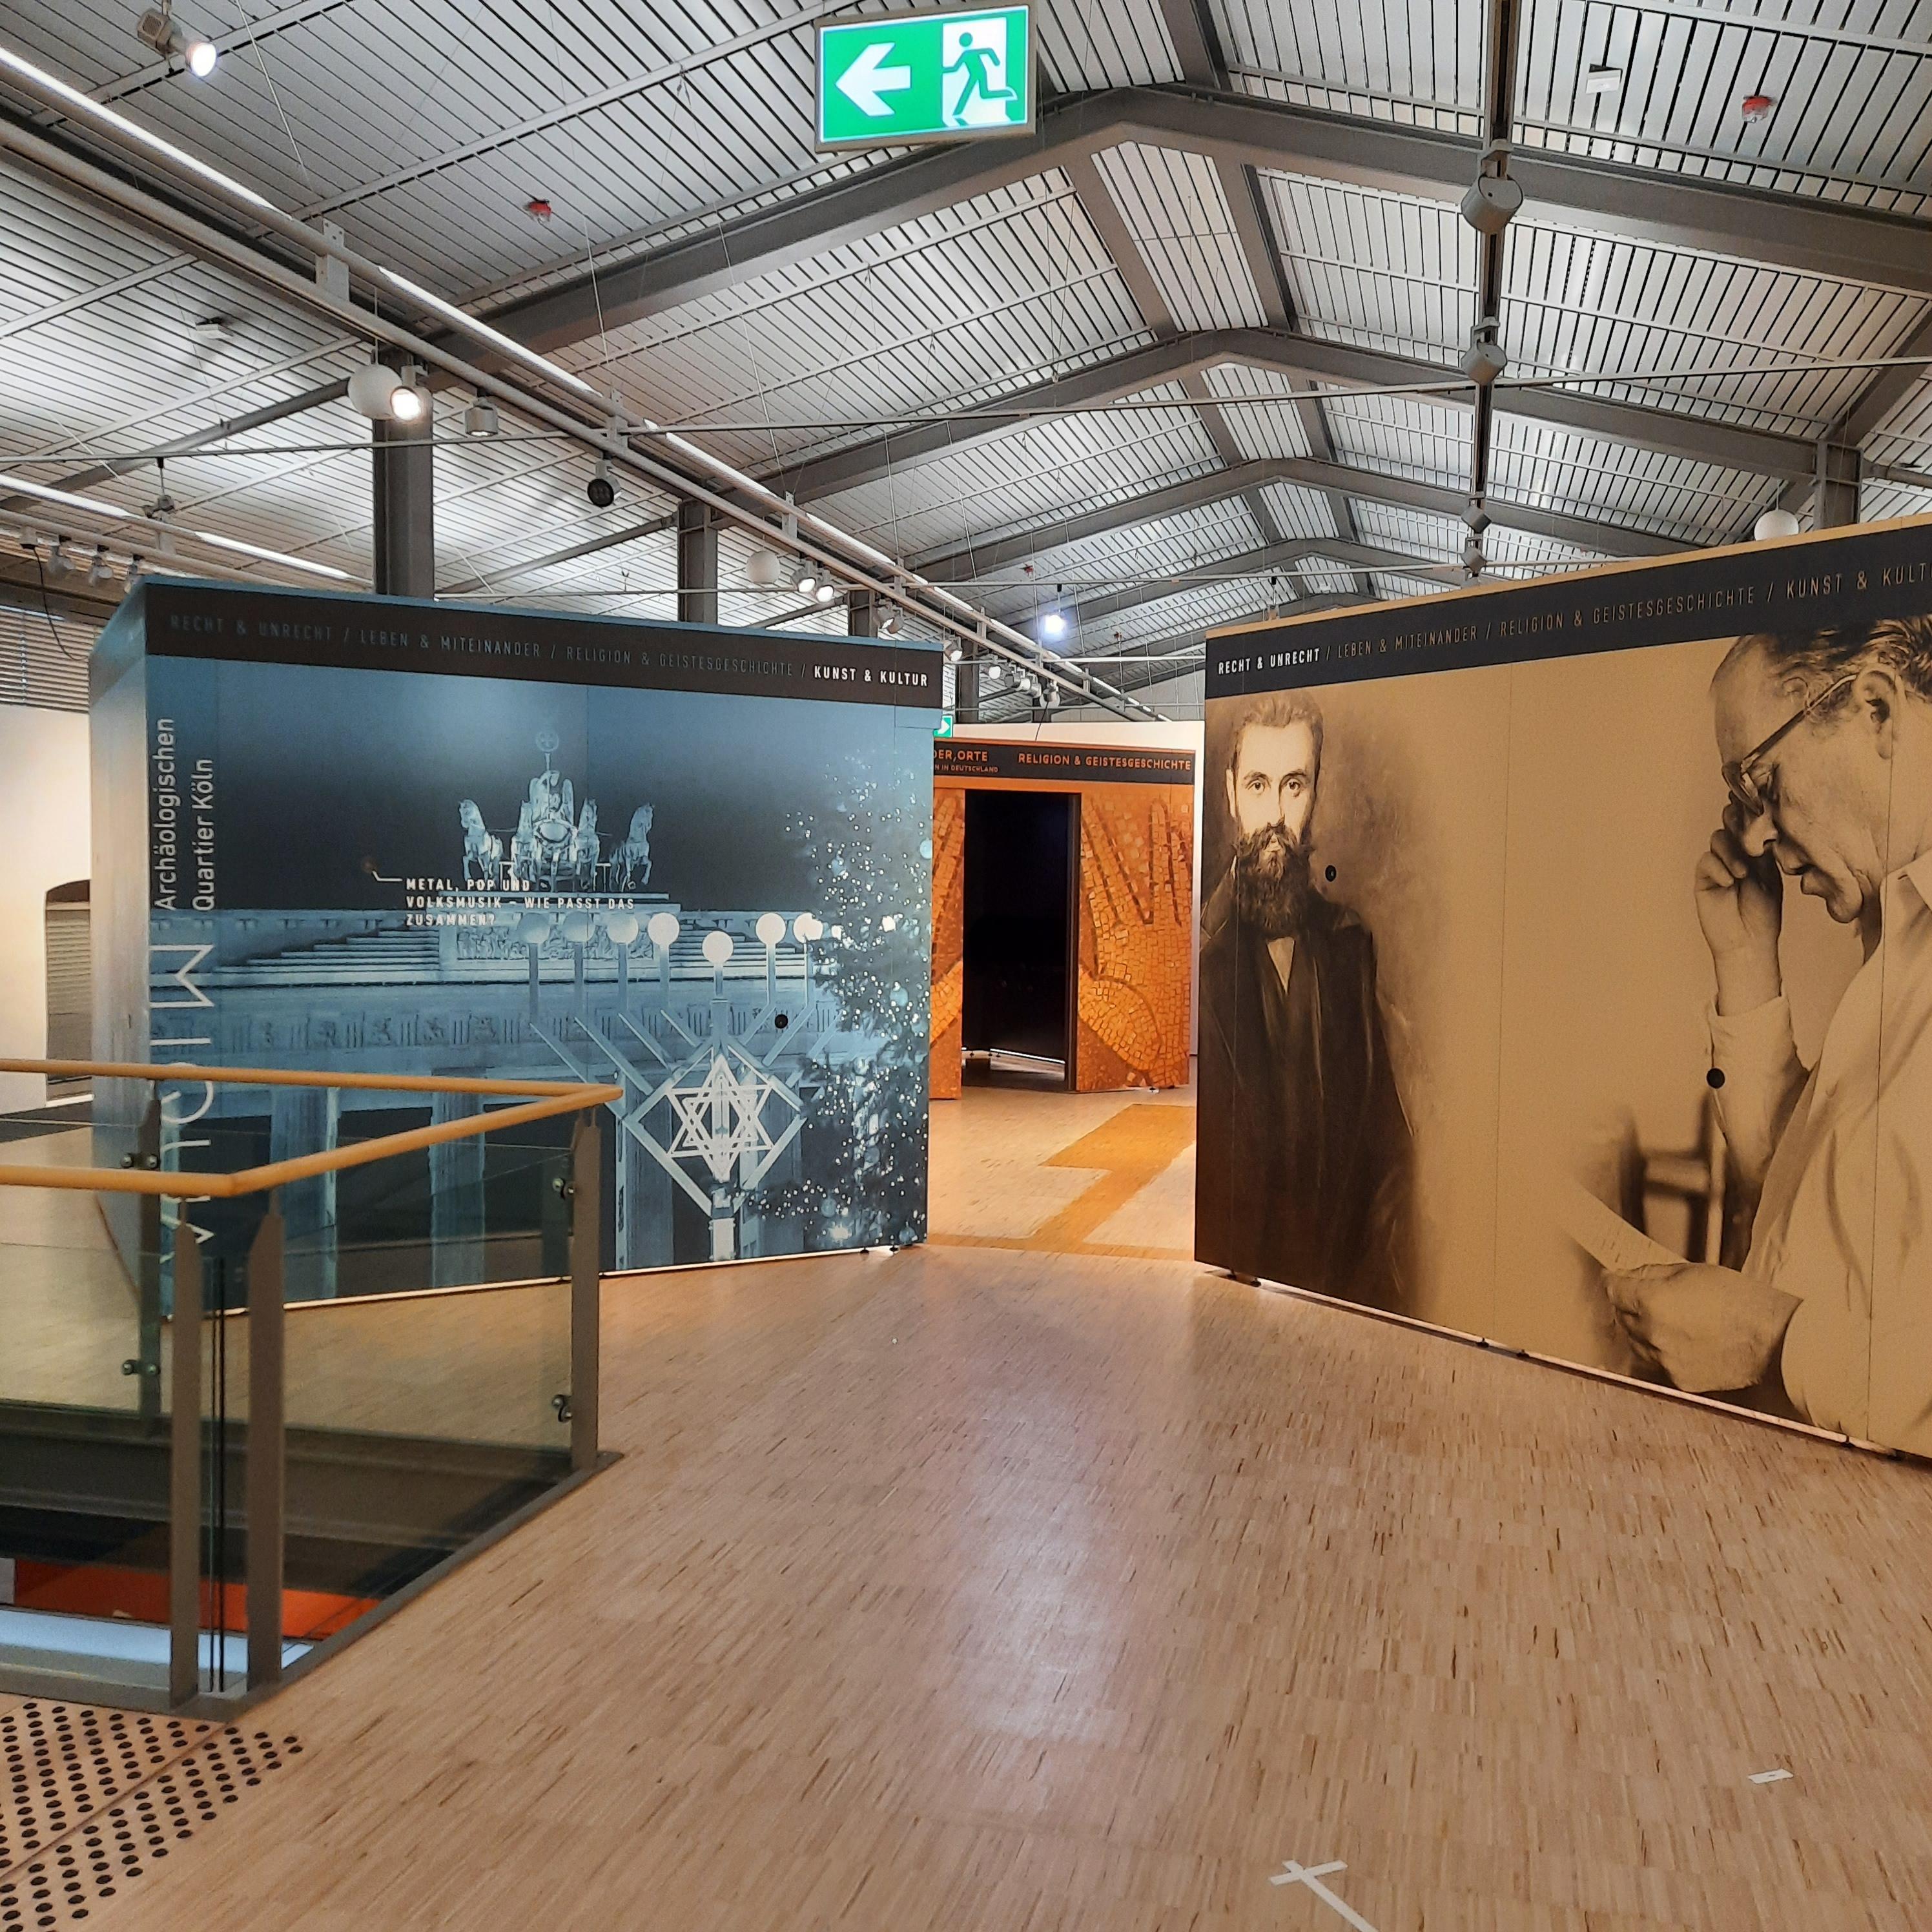 Blick in den Ausstellungsraum: Drei der vier Kuben sind auf diesem Bild unter grauem Dach zu sehen.